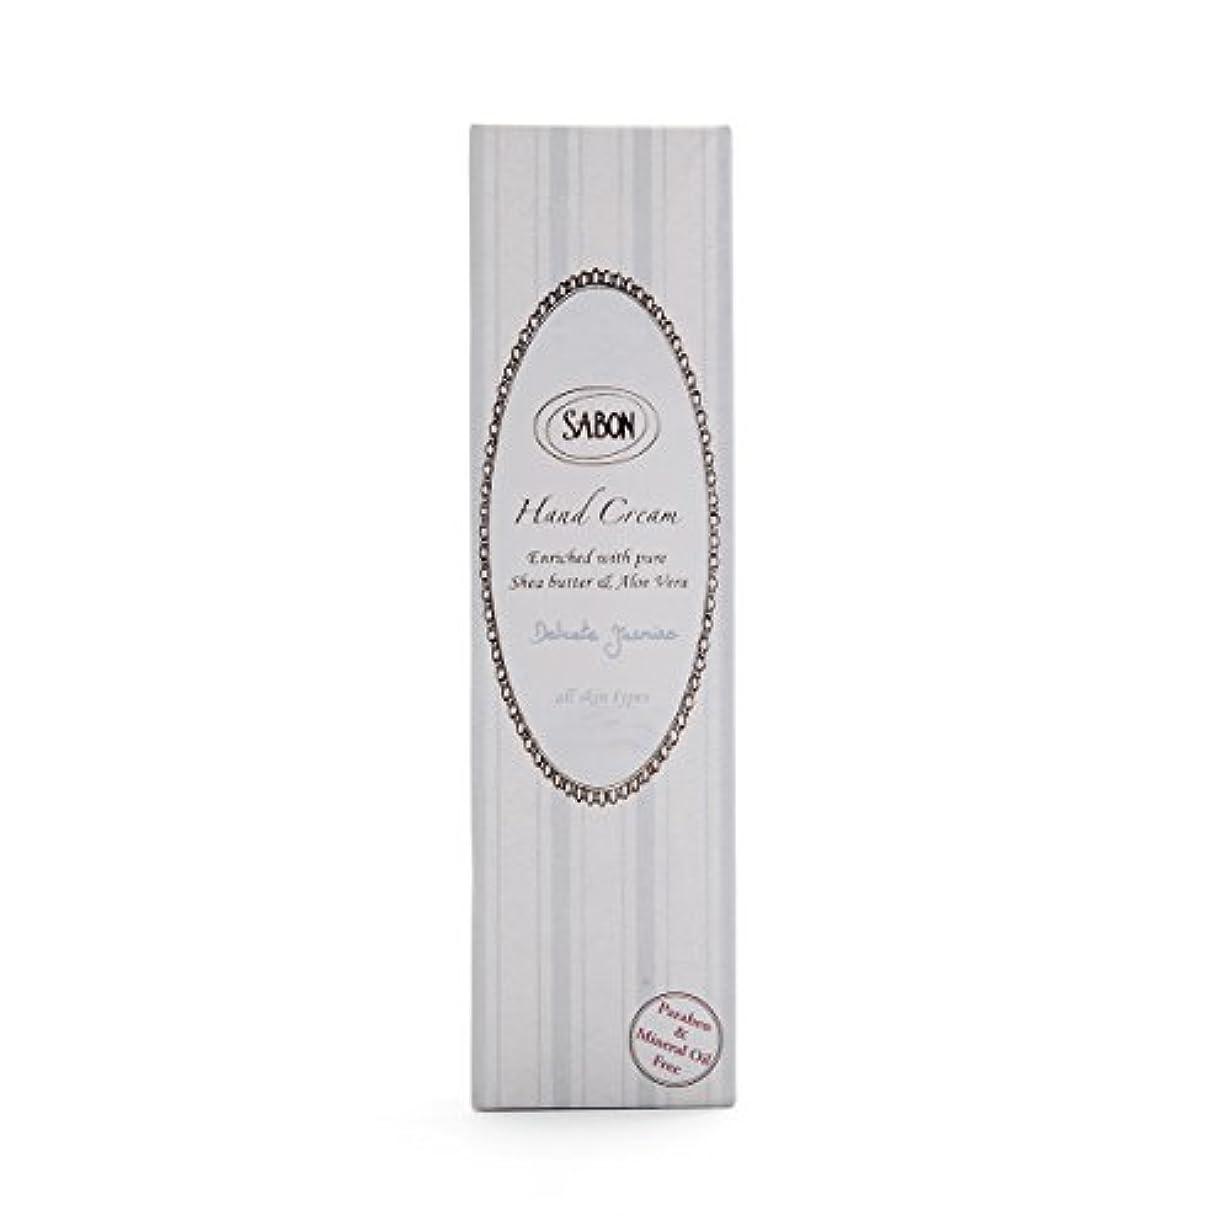 同化チェリーエゴイズムSABON(サボン) ハンドクリーム デリケートジャスミン 50ml